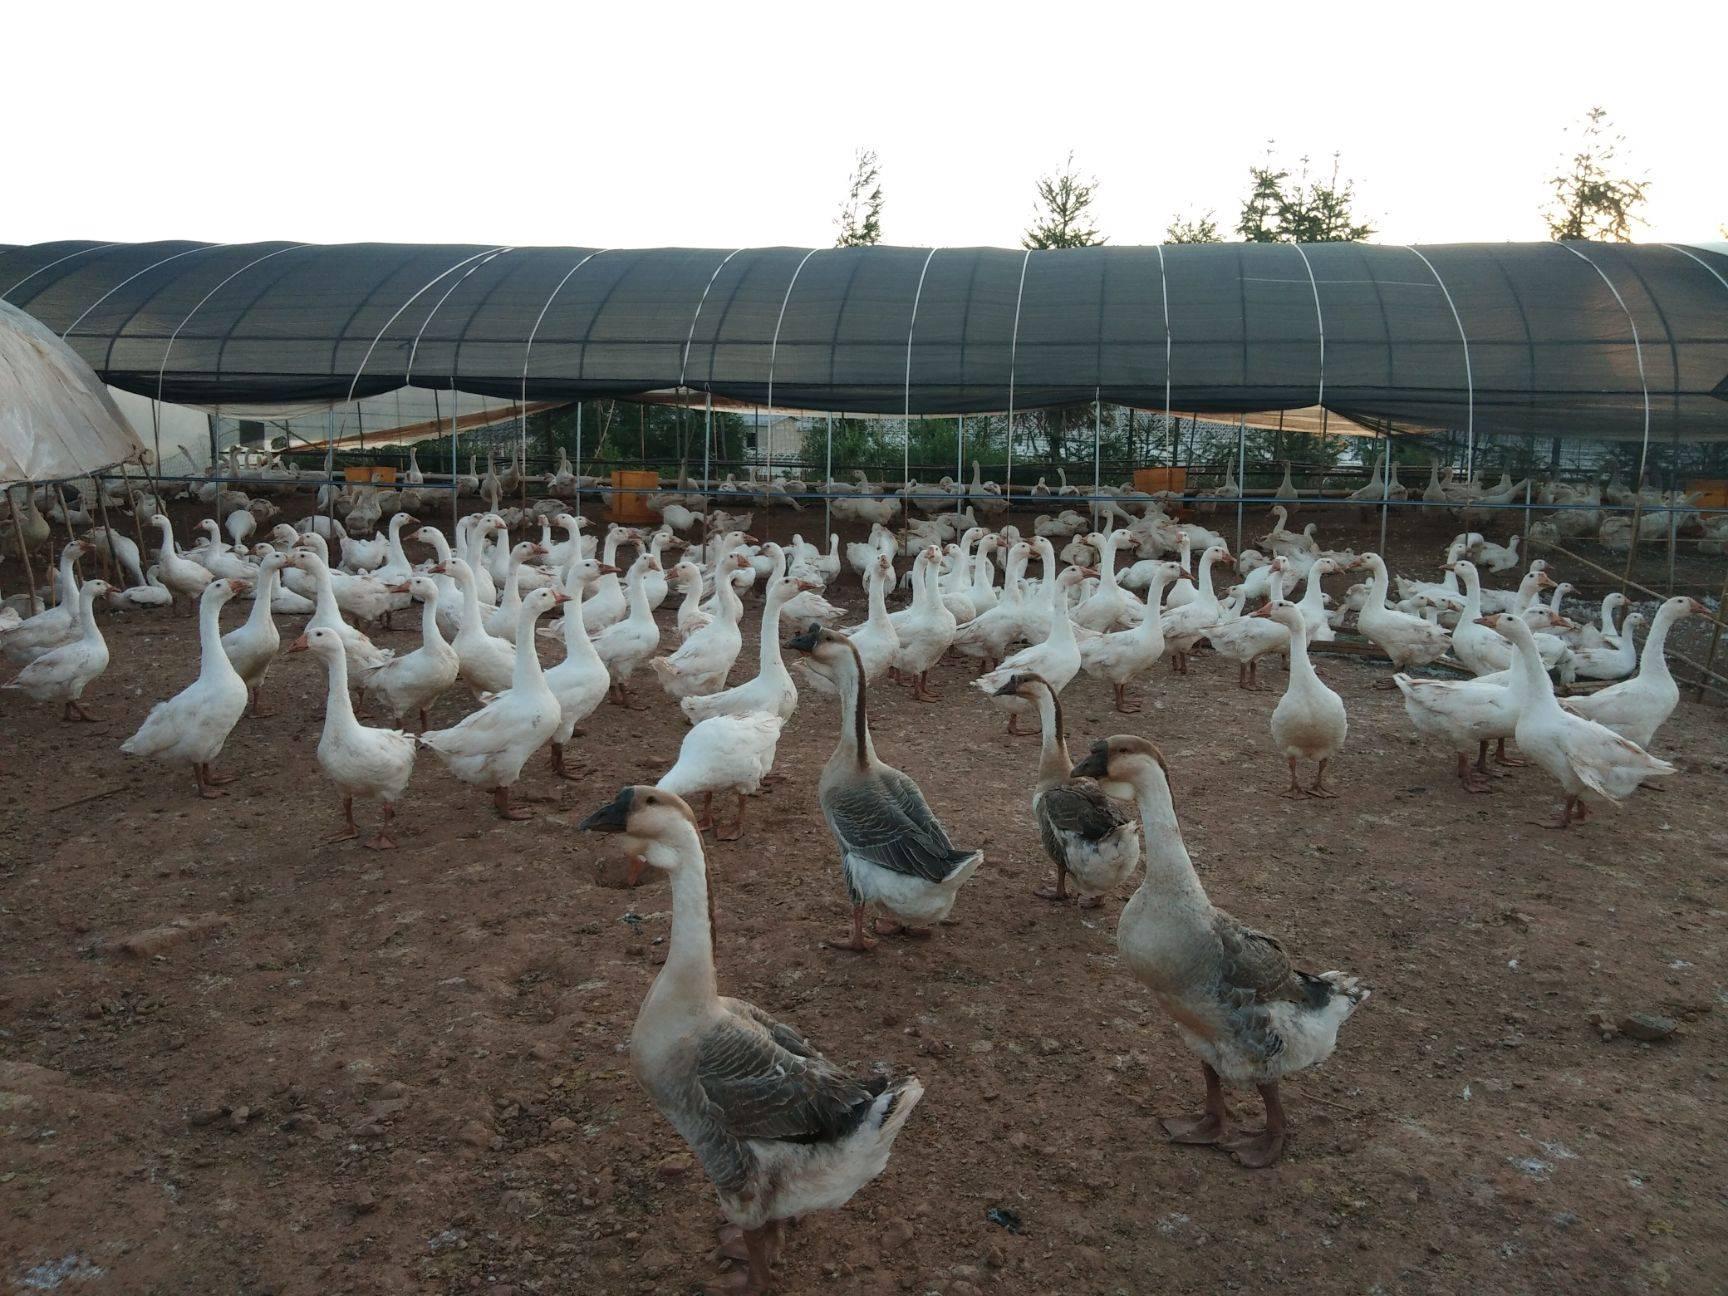 [肉鹅批发] 常年供应各种优质品种的白鹅价格22元/公斤